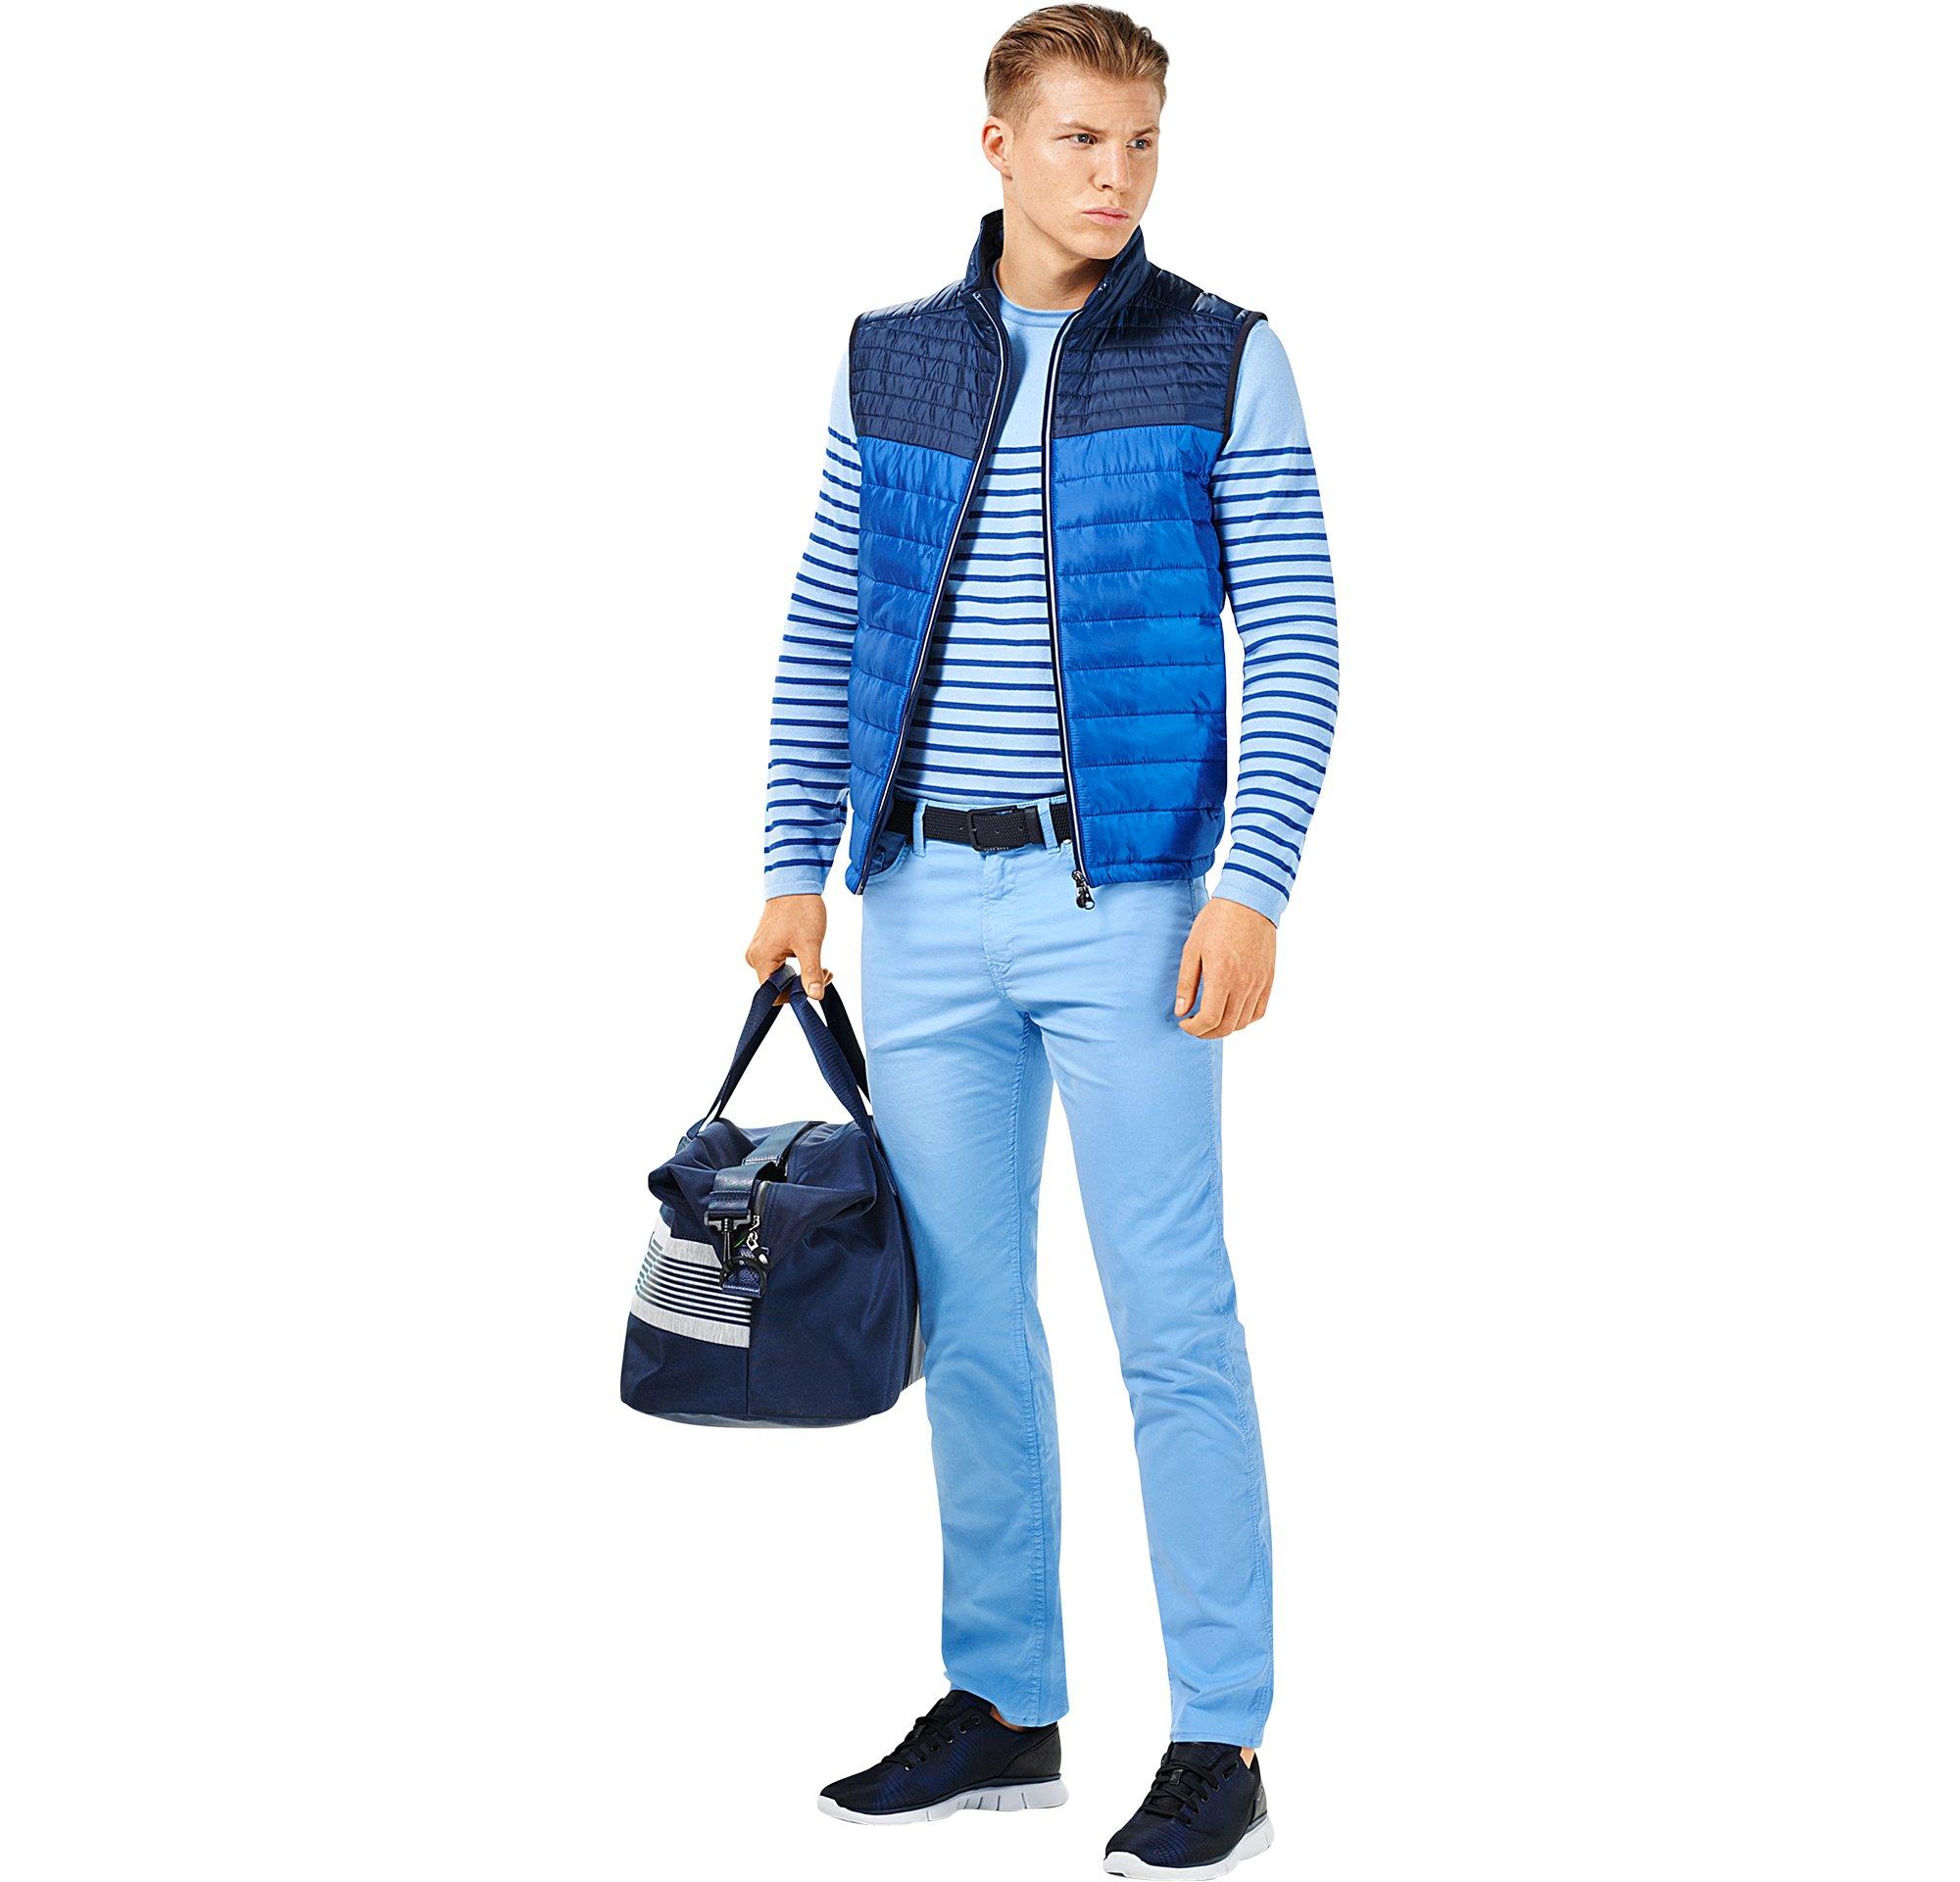 Outerwear, gebreide trui, jeans, schoenen en tas van BOSS Green Menswear